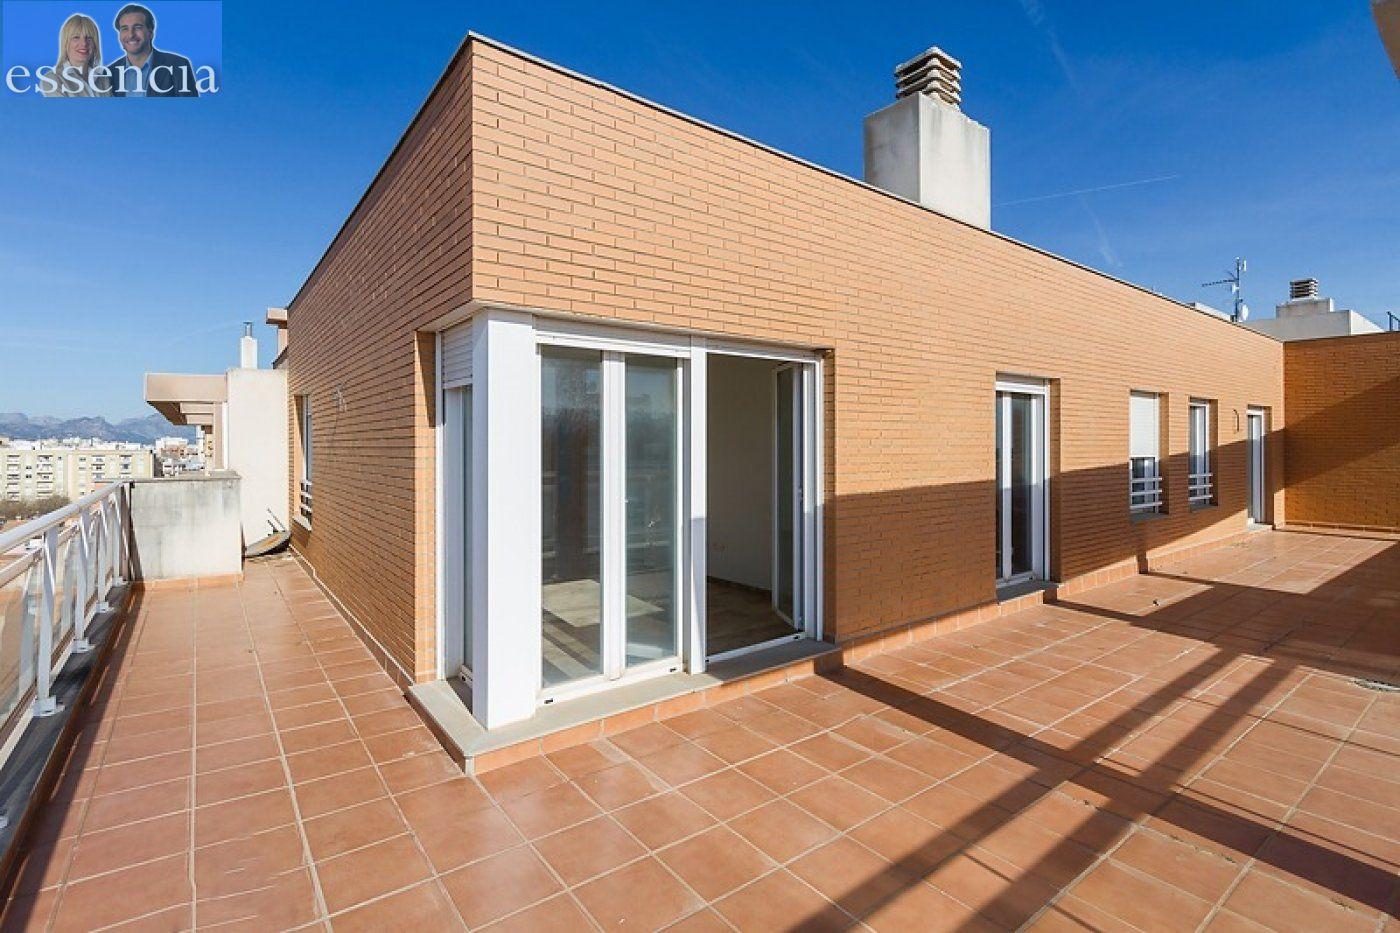 Ático a estrenar, con gran terraza. incluye garaje y trastero. - imagenInmueble0